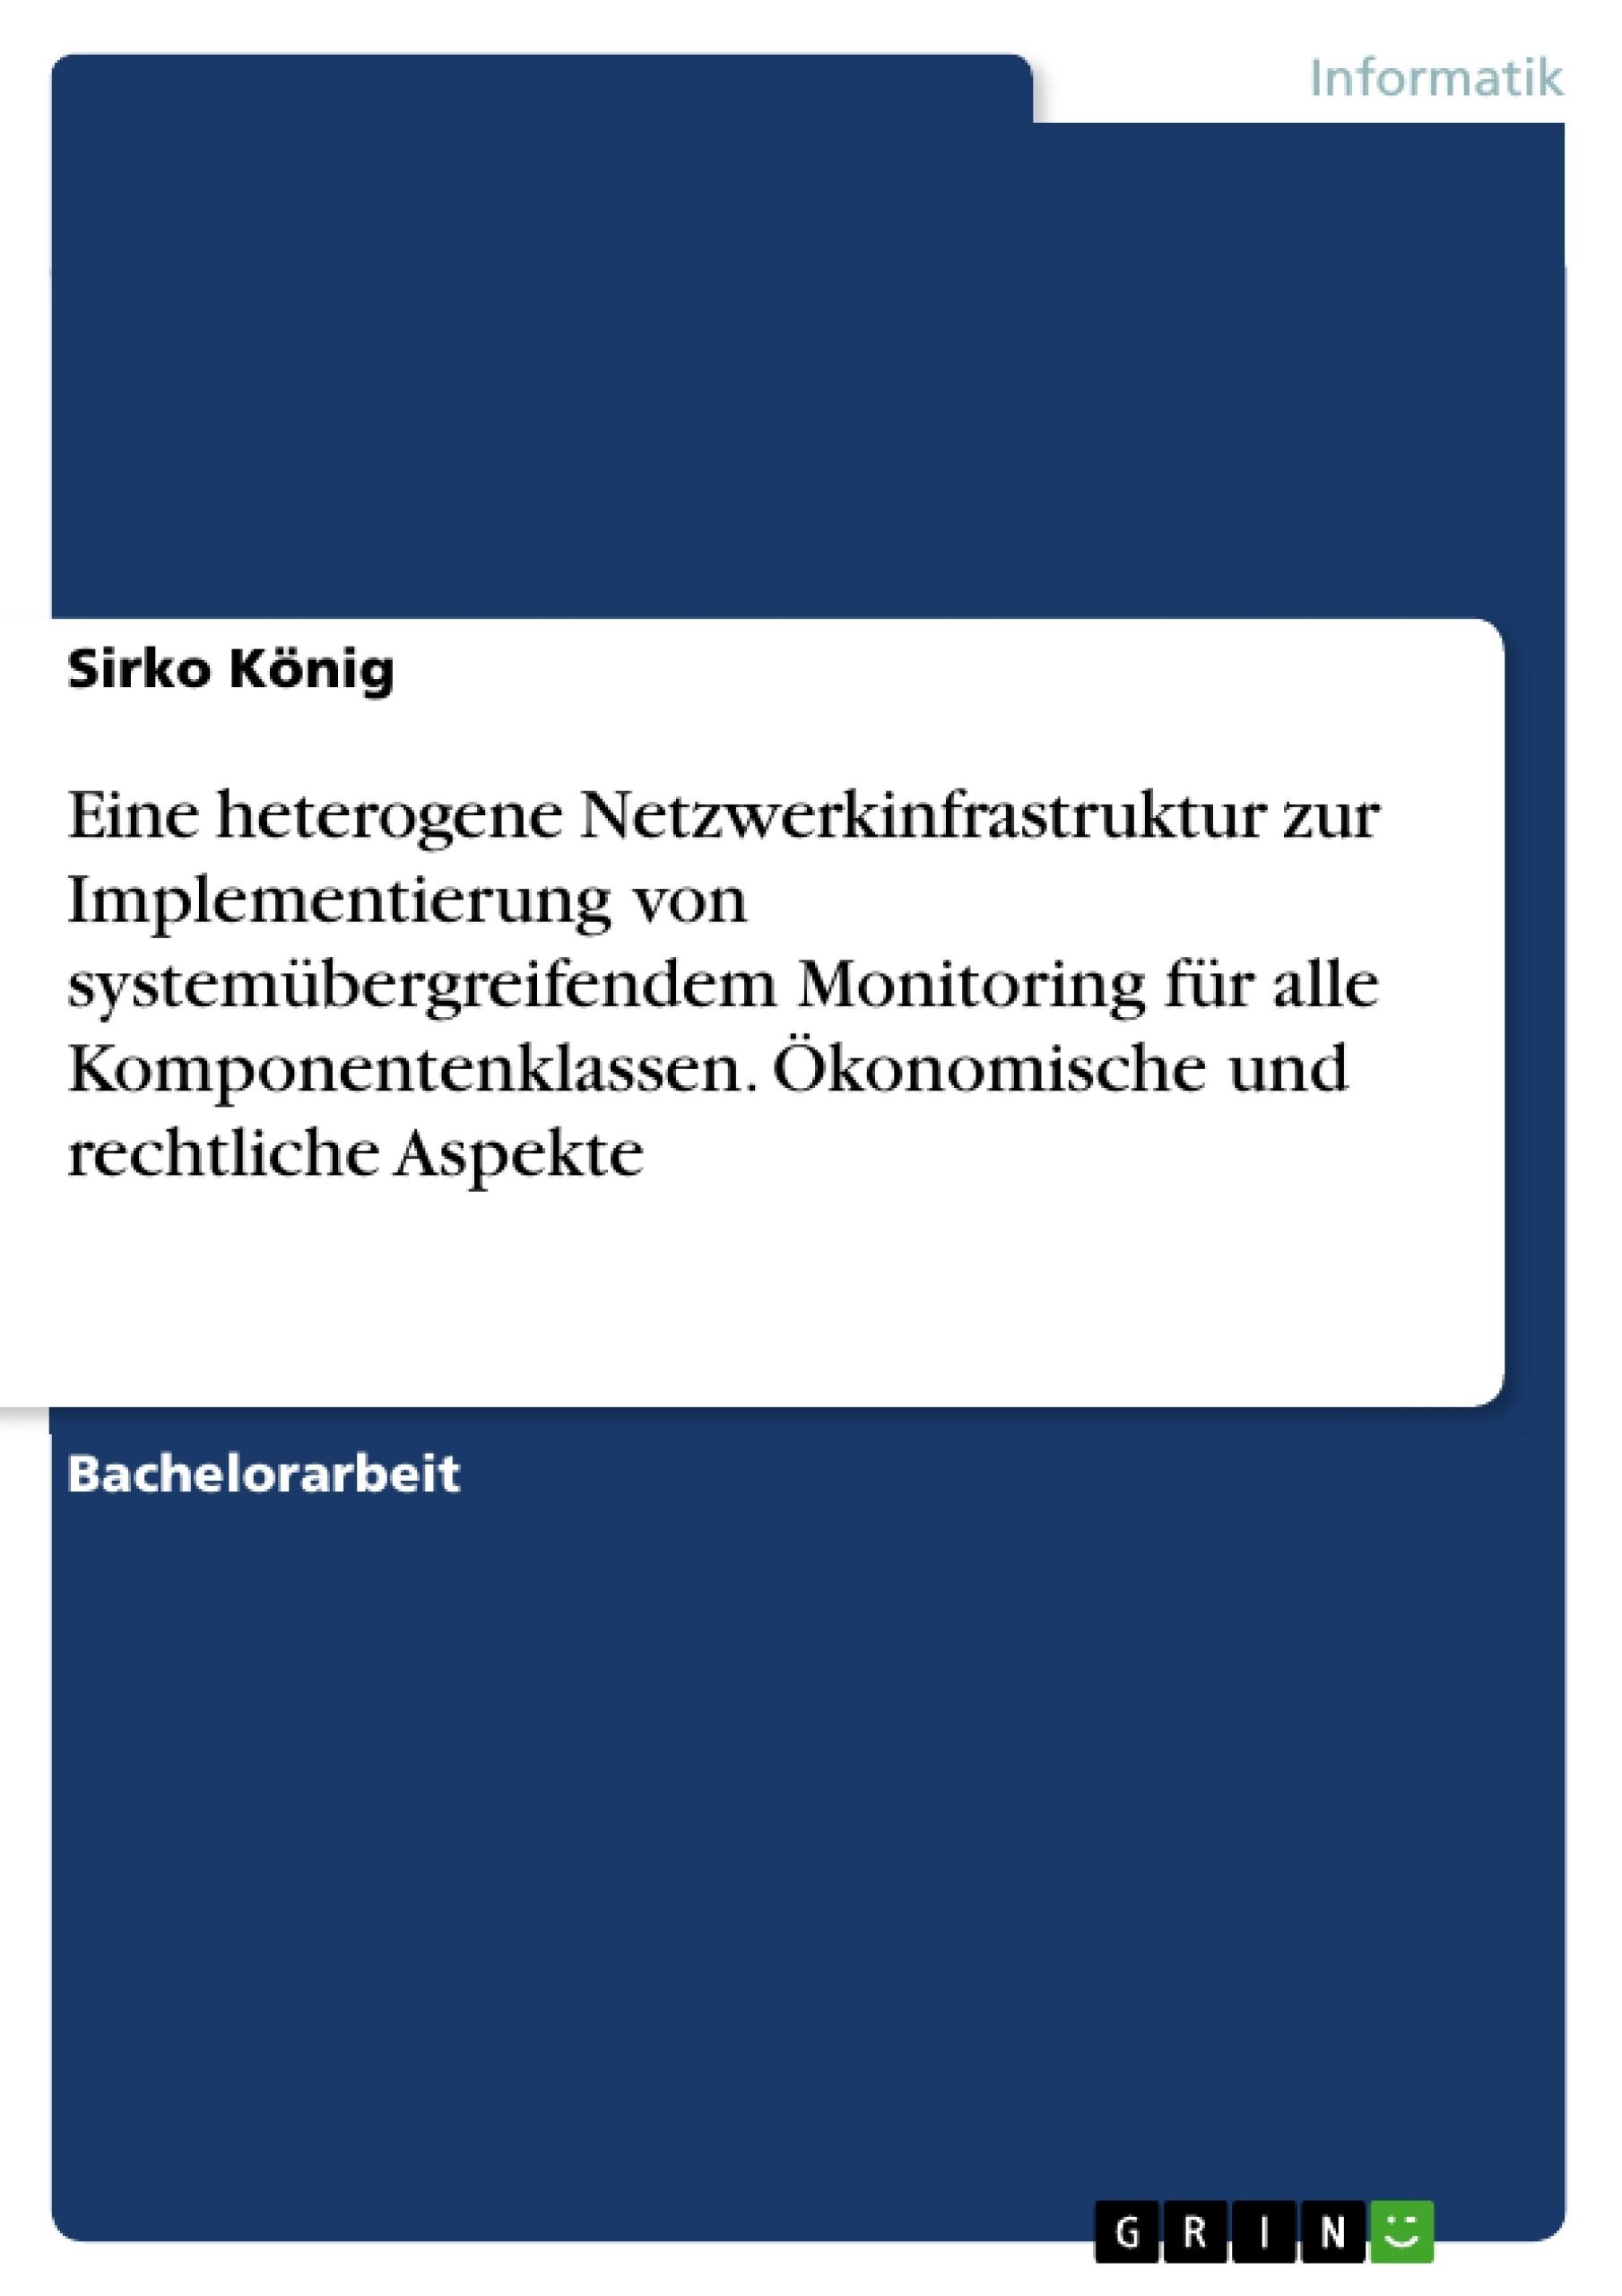 Titel: Eine heterogene Netzwerkinfrastruktur zur Implementierung von systemübergreifendem Monitoring für alle Komponentenklassen. Ökonomische und rechtliche Aspekte